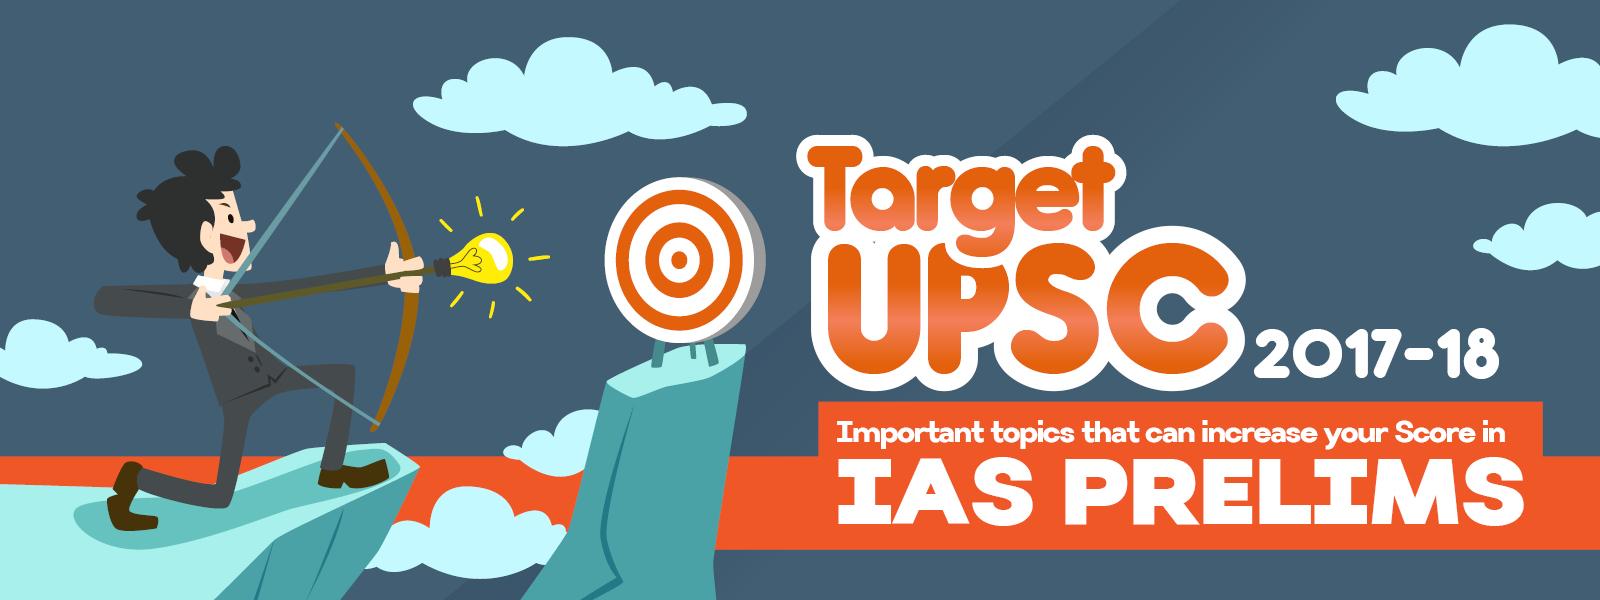 target upsc 2017-18